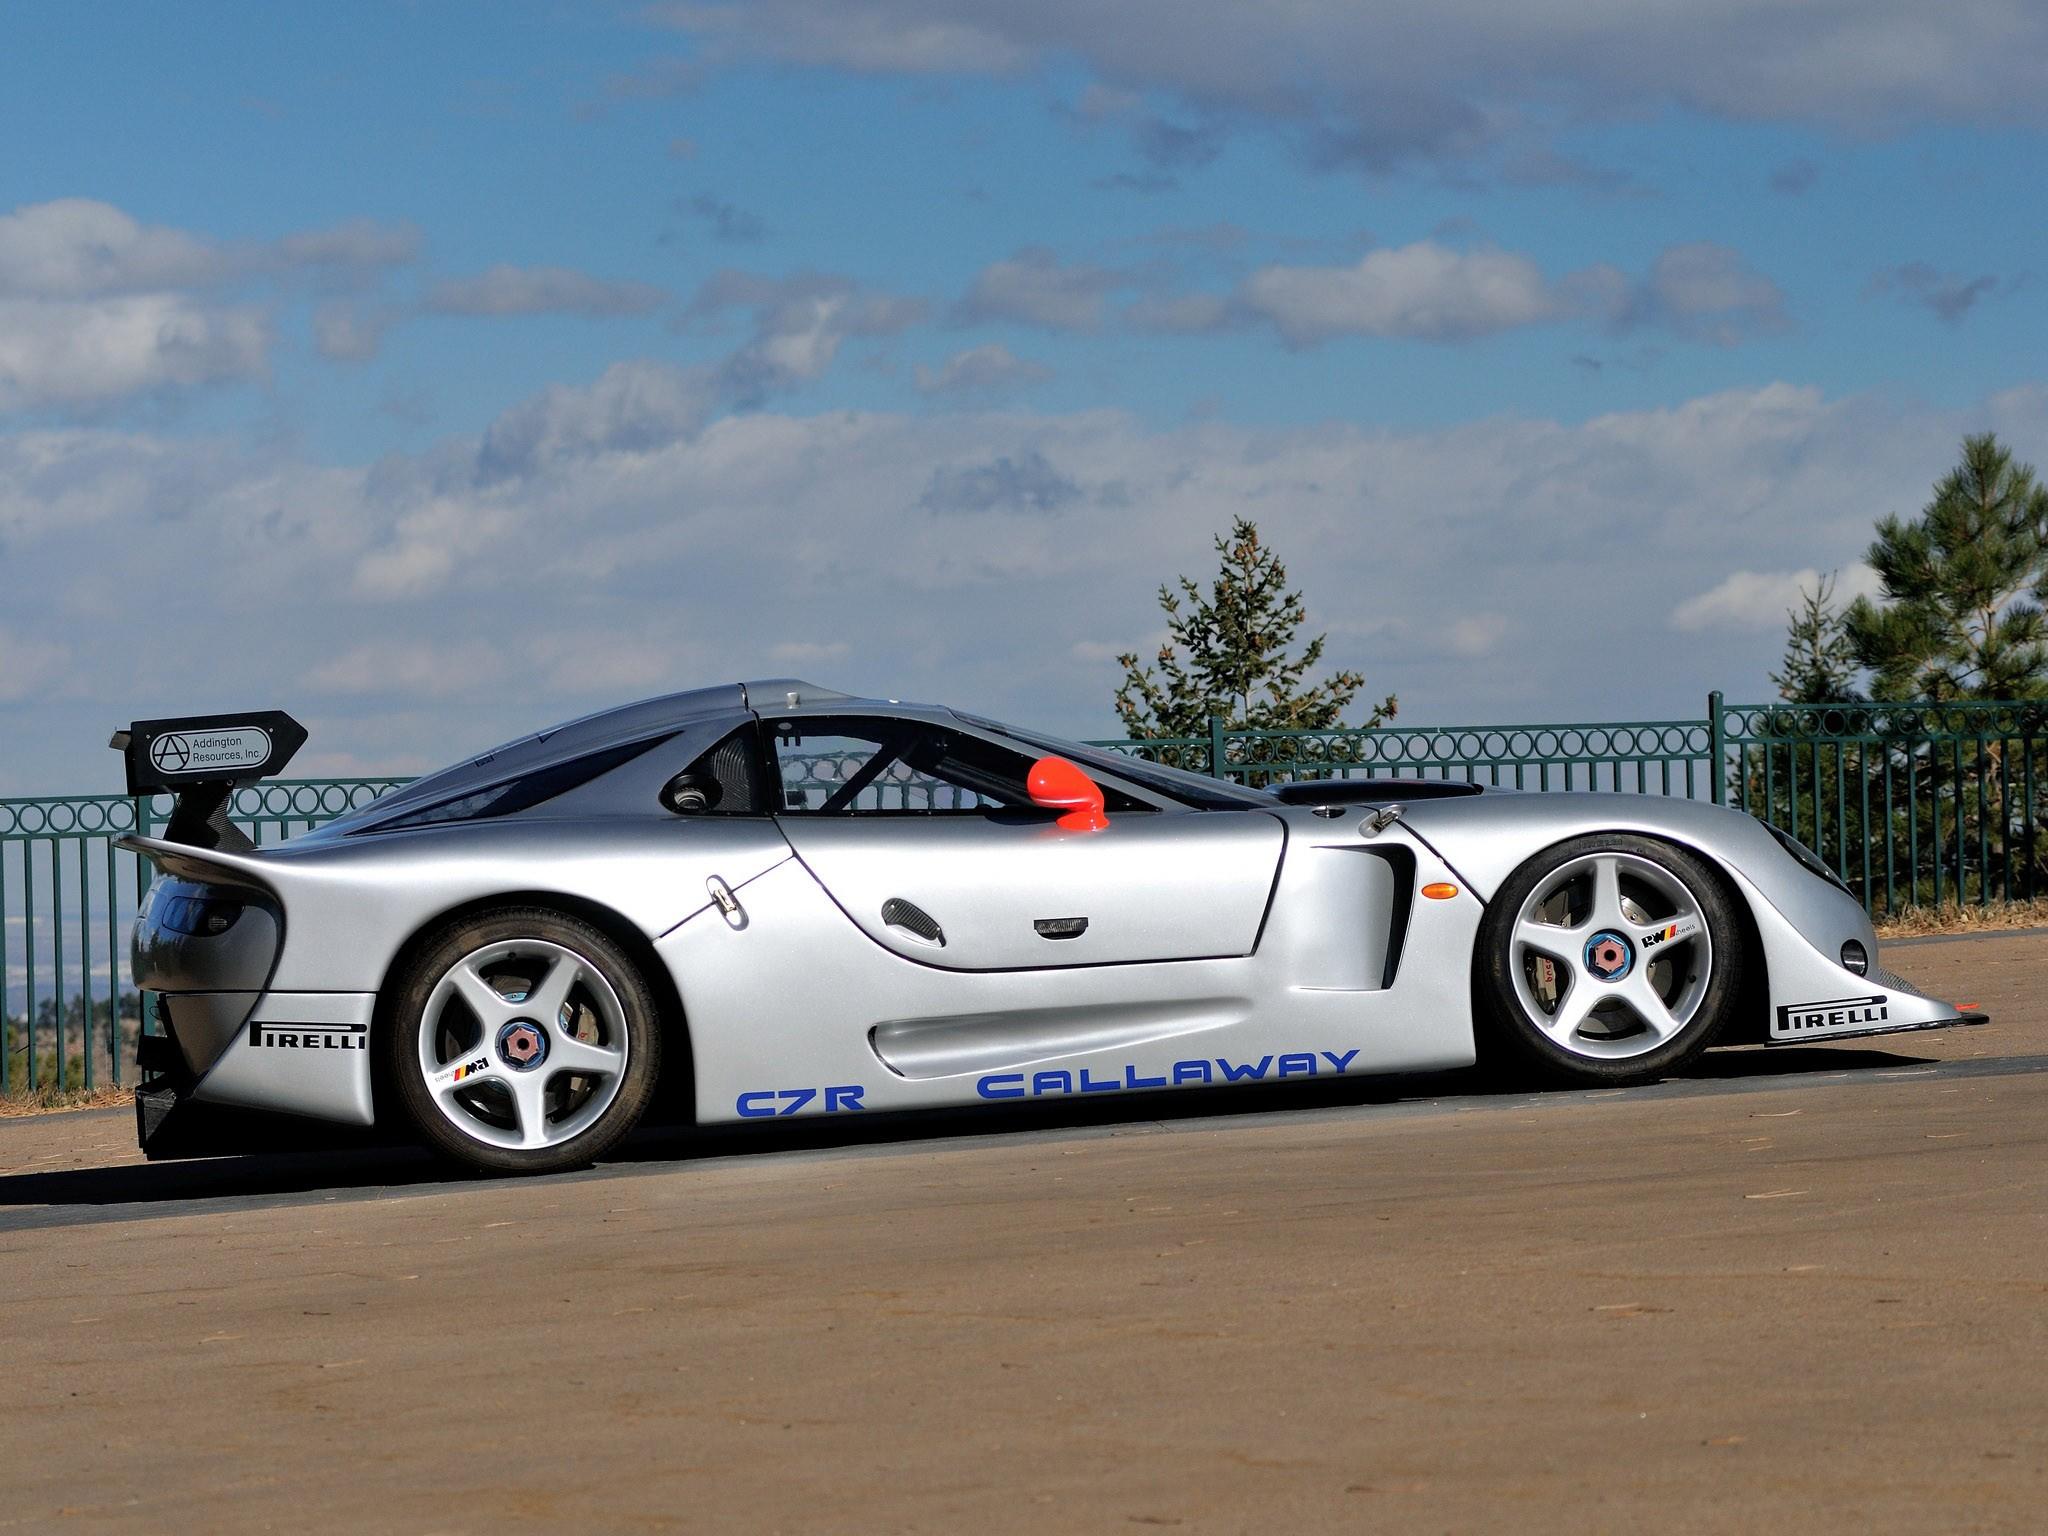 1997 Callaway C7 GT1